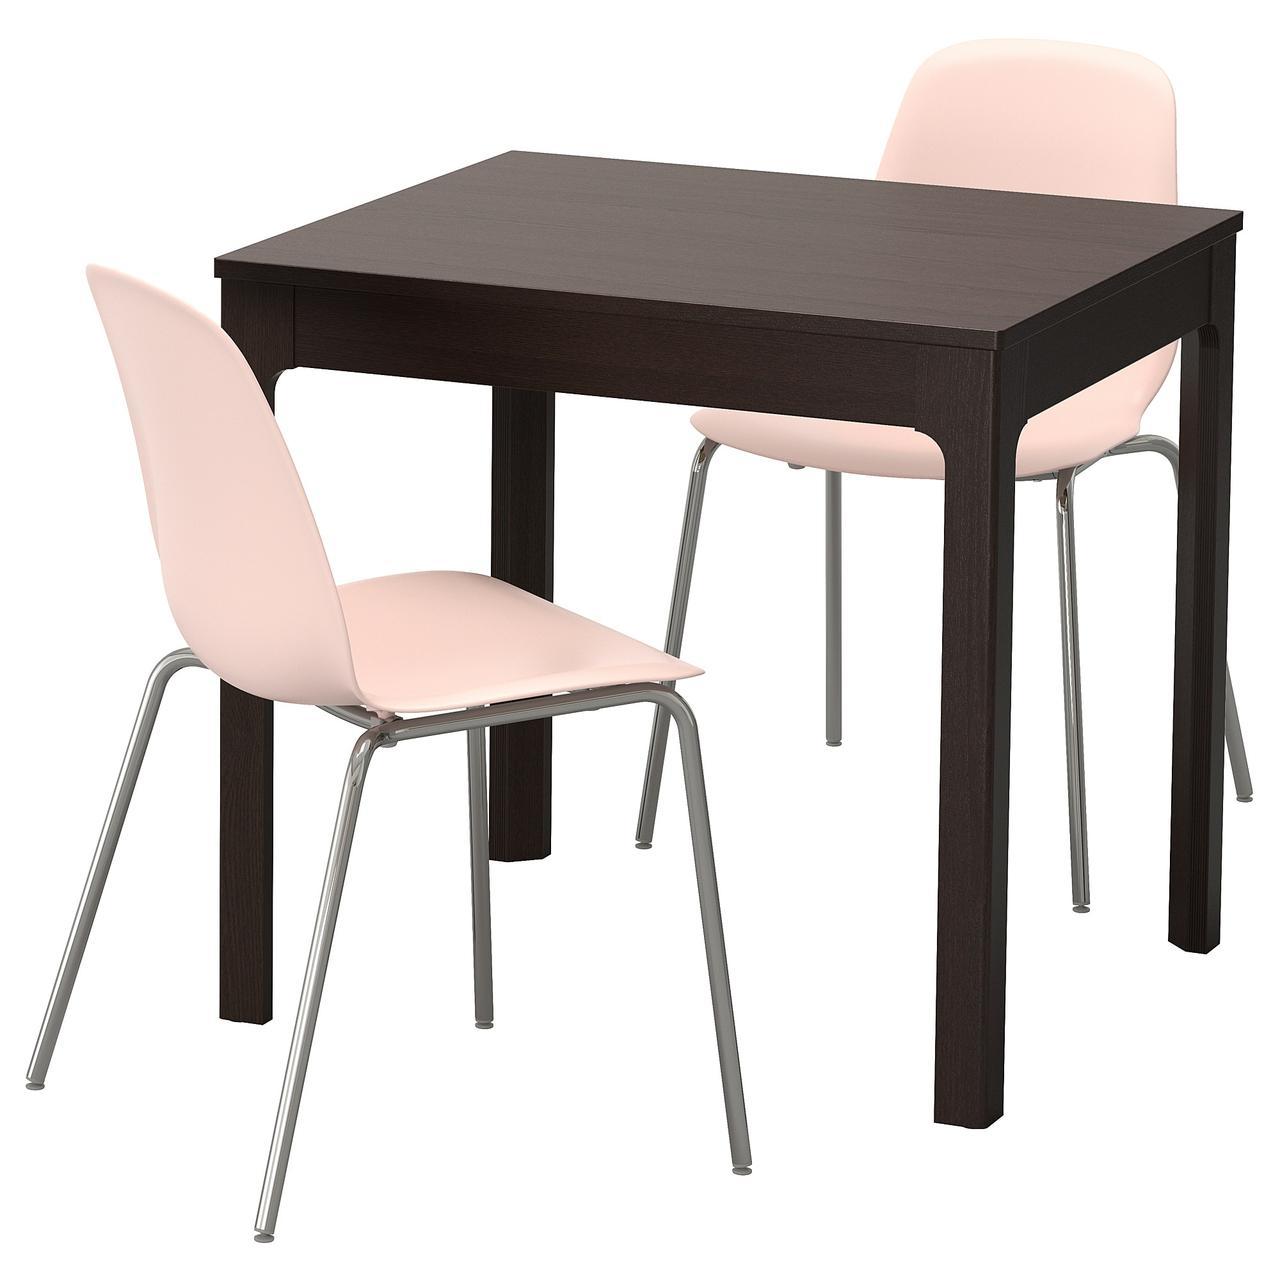 ЭКЕДАЛЕН / ЛЕЙФ-АРНЕ Стол и 2 стула, темно-коричневый, розовый